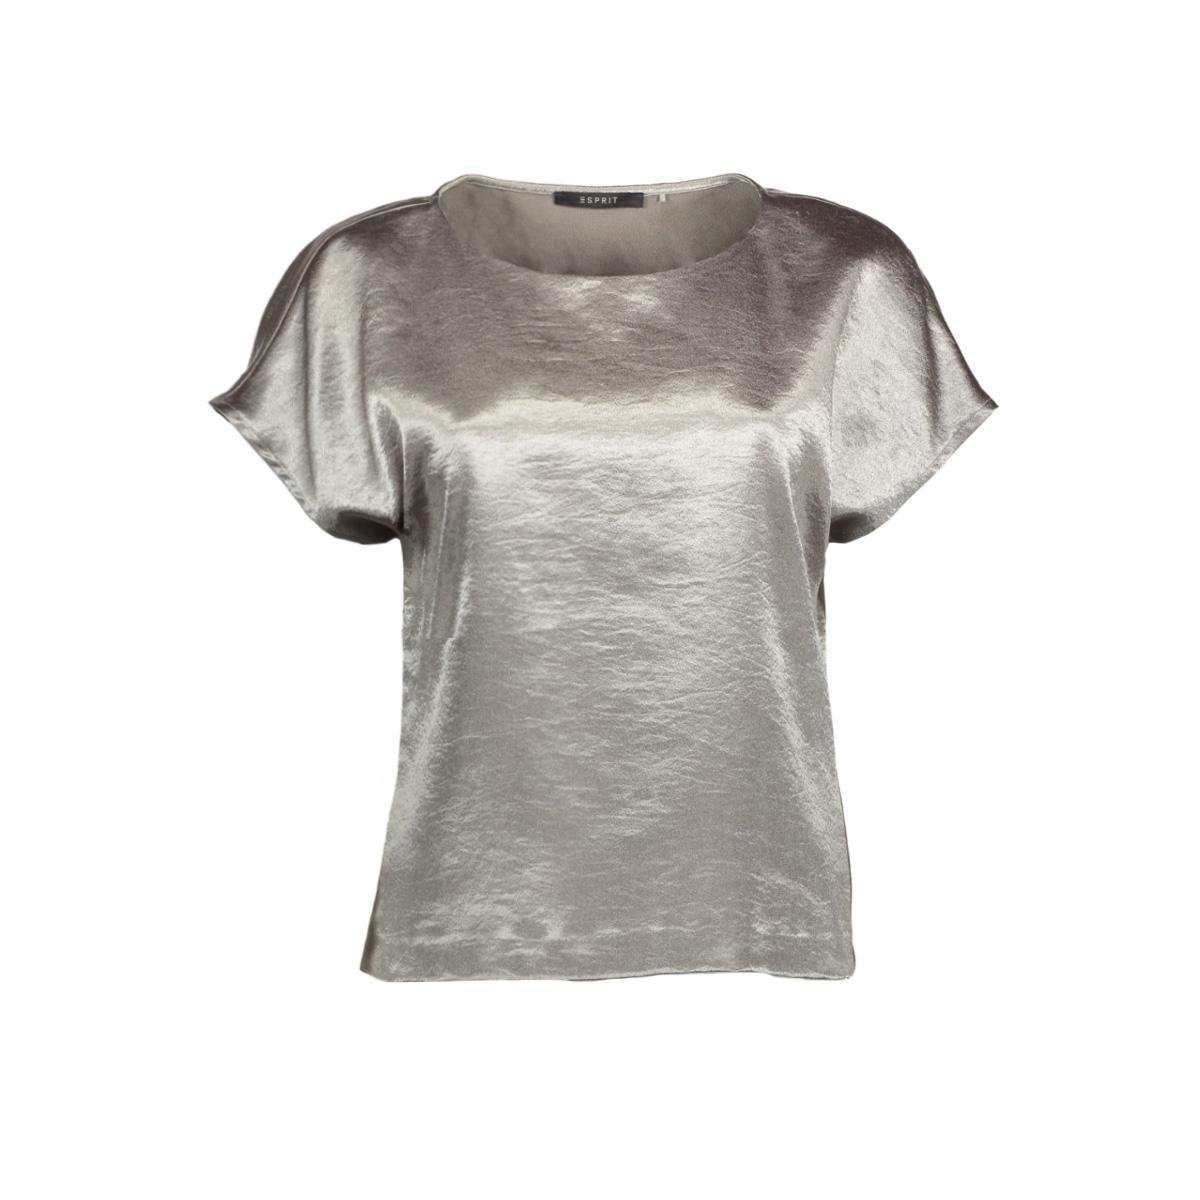 127eo1f006 esprit collection t-shirt e090